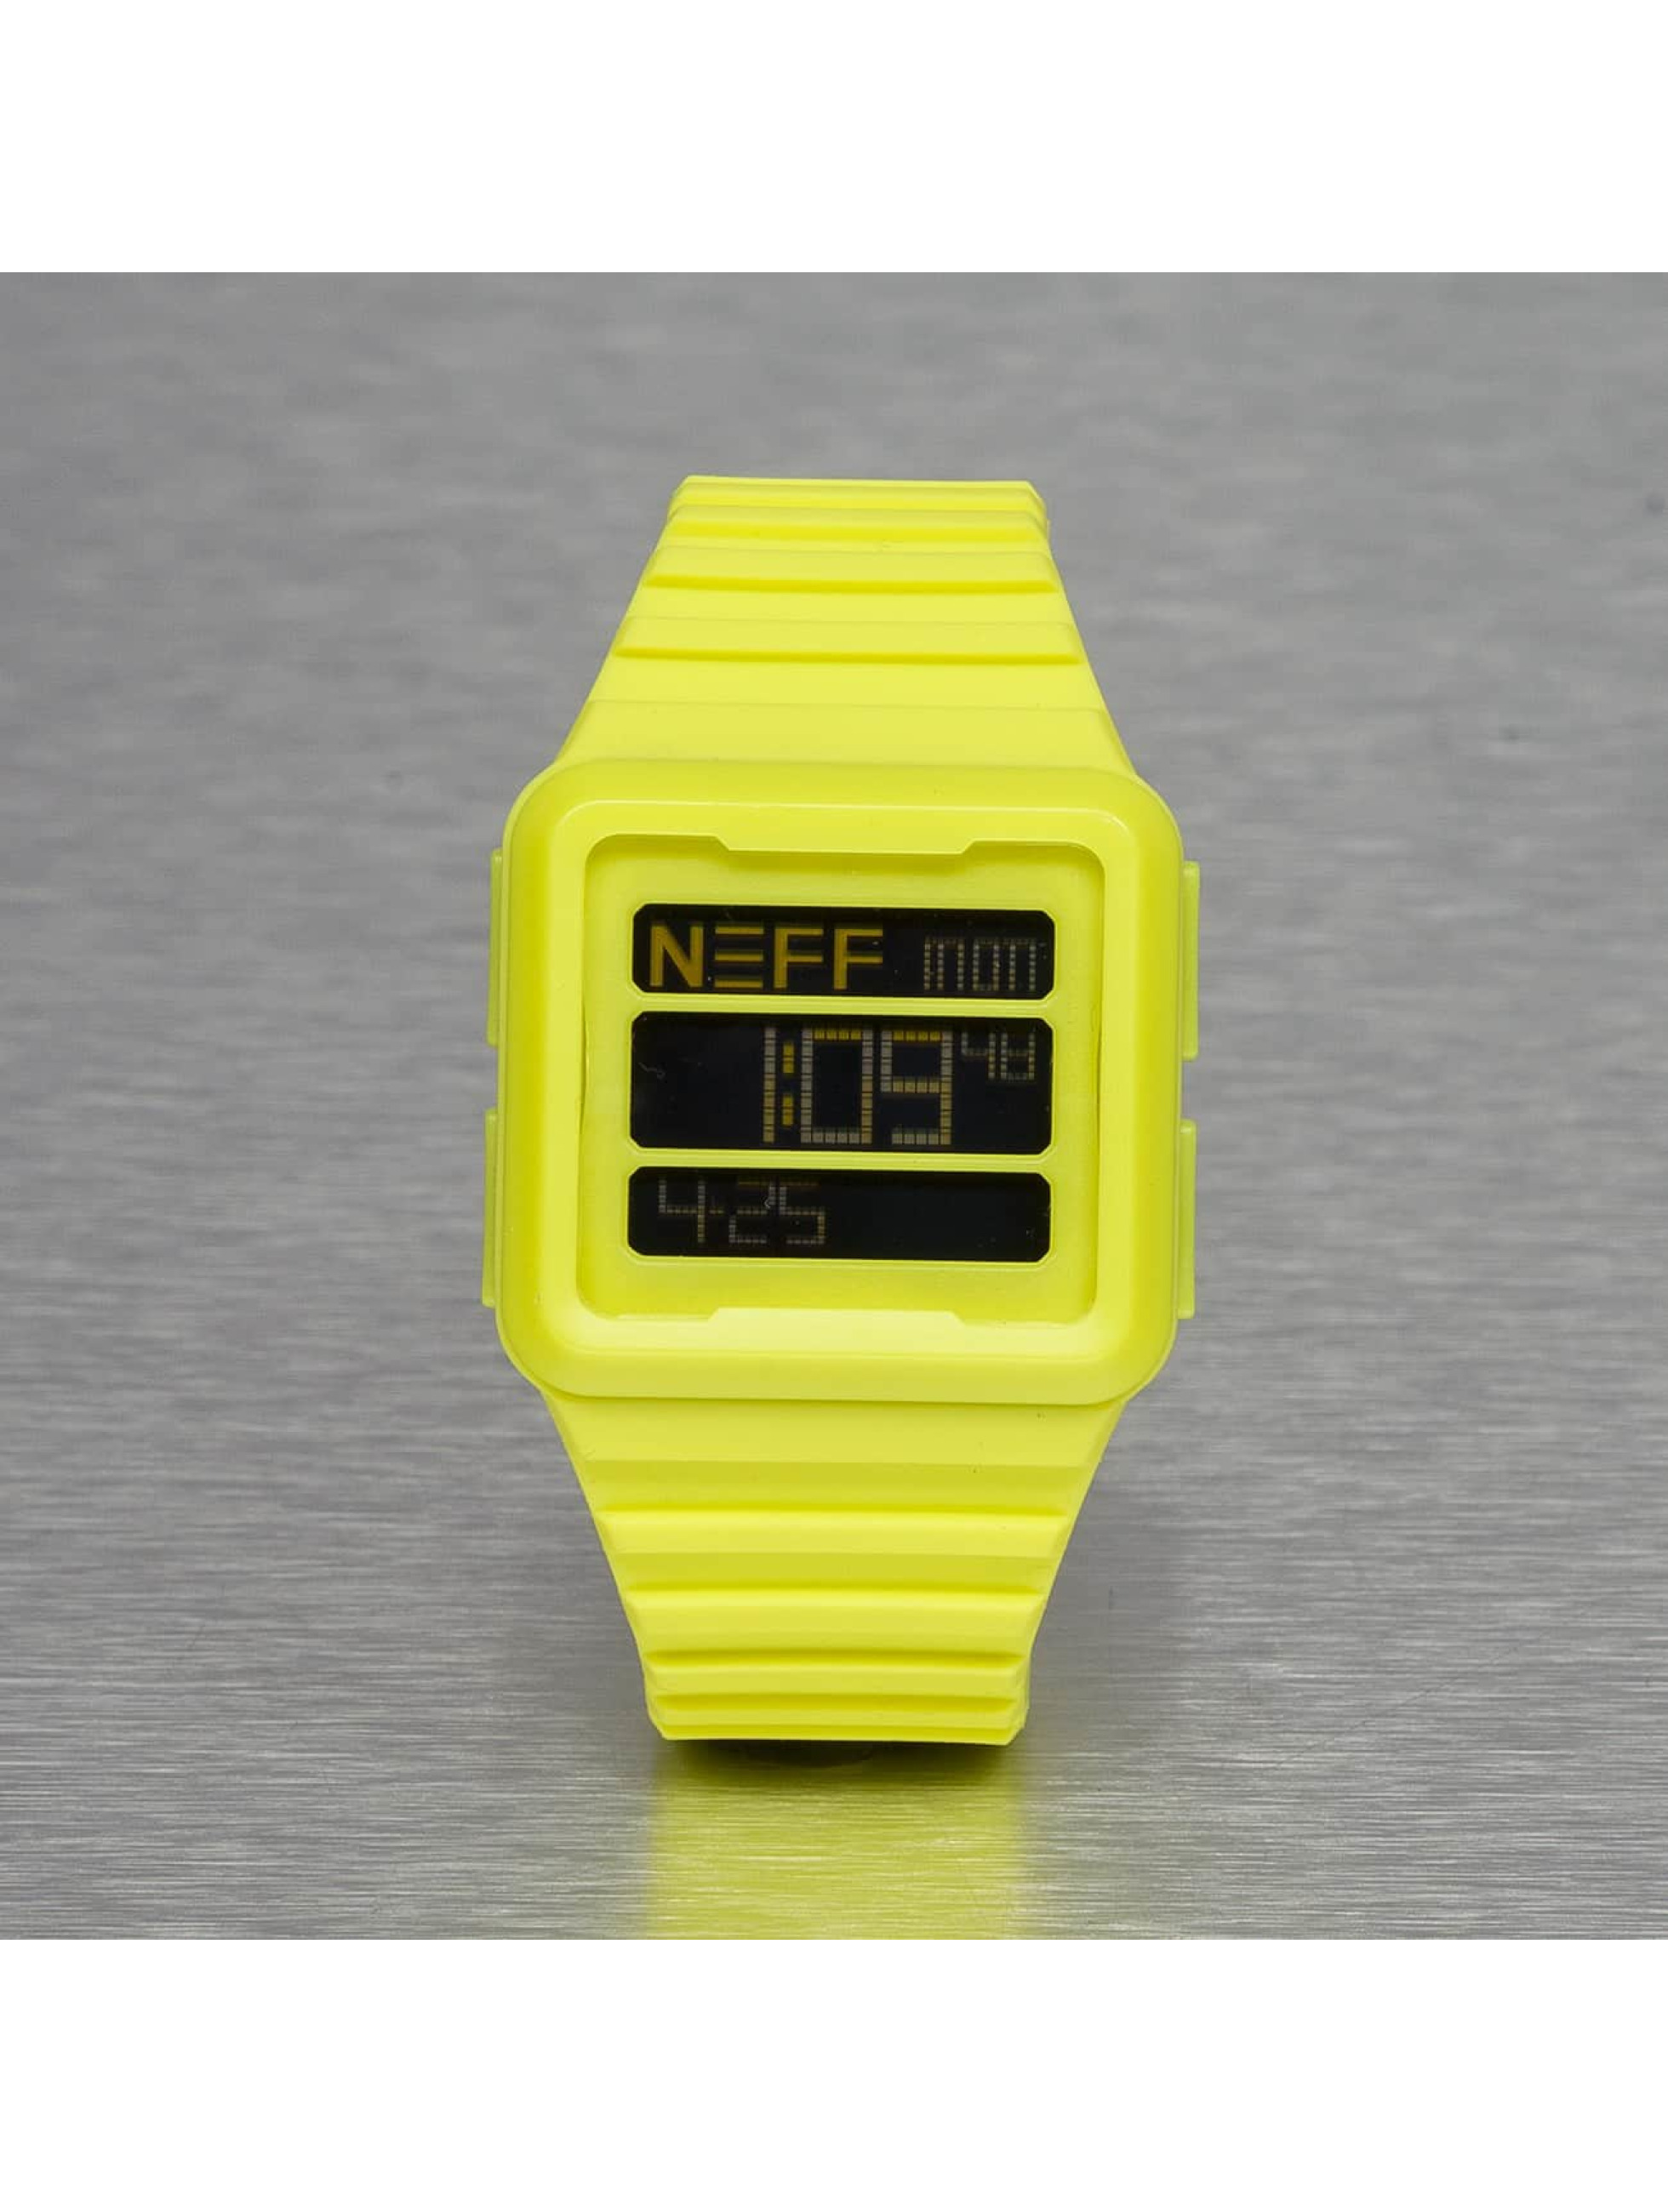 NEFF Uhr Odyssey gelb